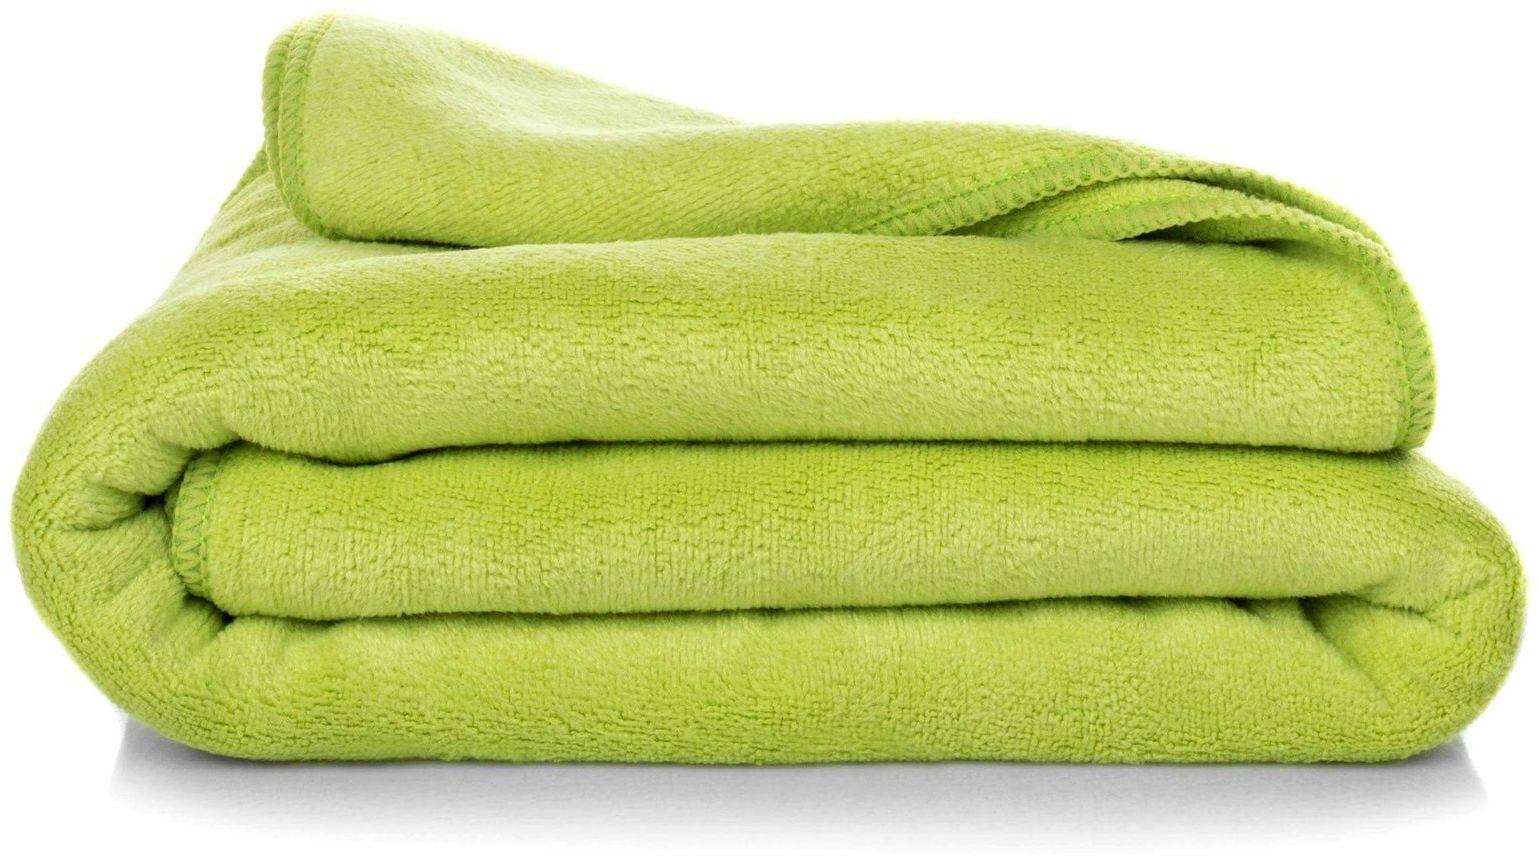 Ręcznik Kąpielowy Eurofirany Amy 05 380 g/m2 Limonka 30x30